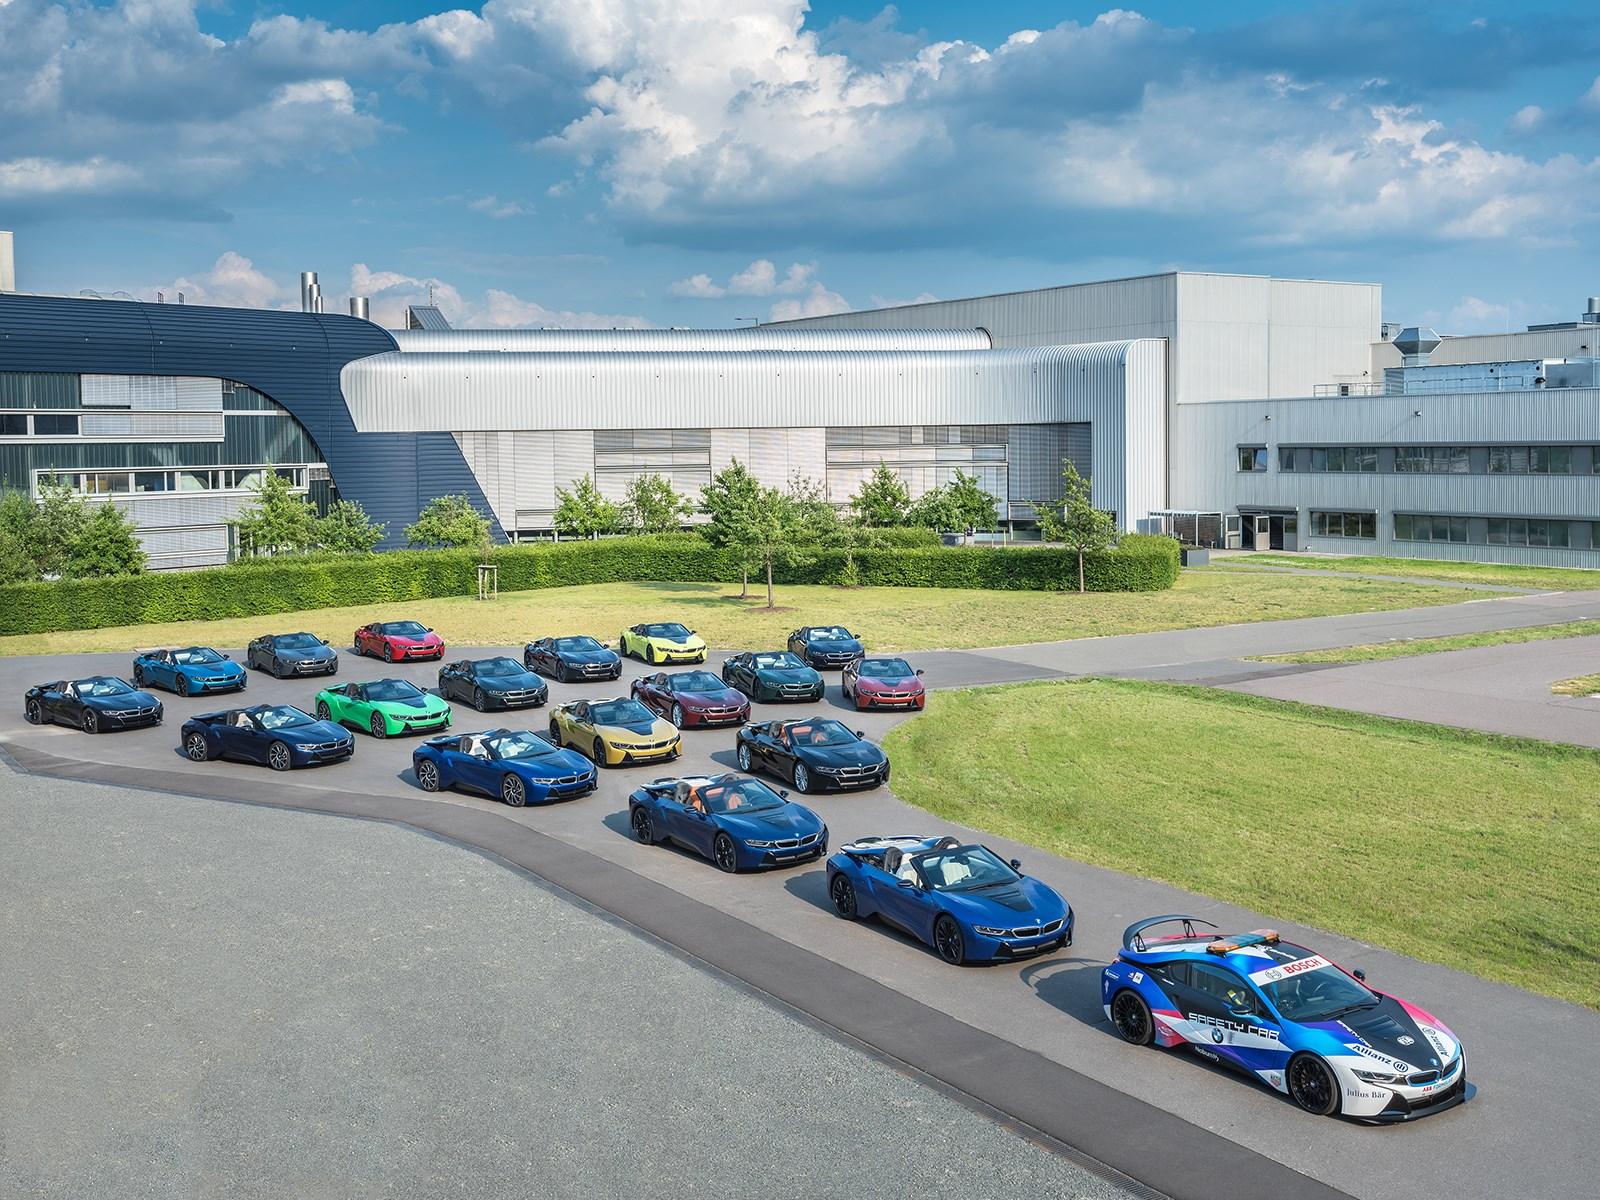 BMWの超マニアックなHVスーパーカー「i8」が生産終了へ